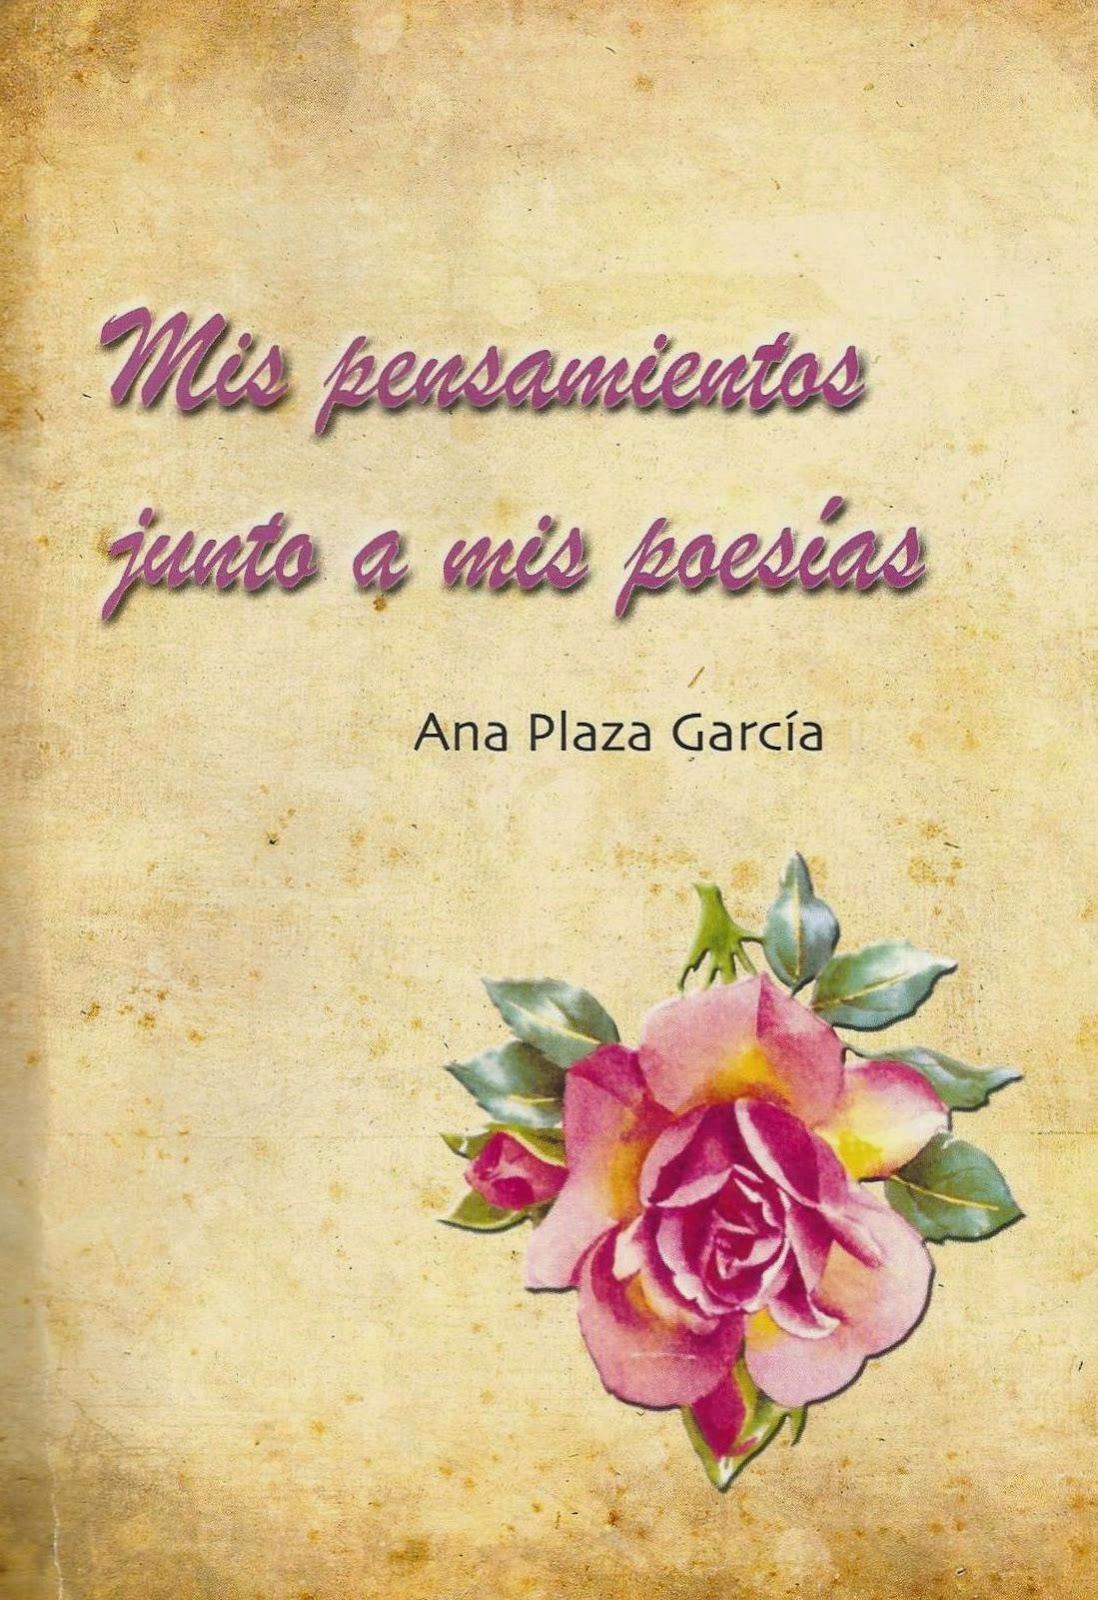 http://www.unionescritores.com/2015/01/mis-pensamientos-junto-mis-poesias.html